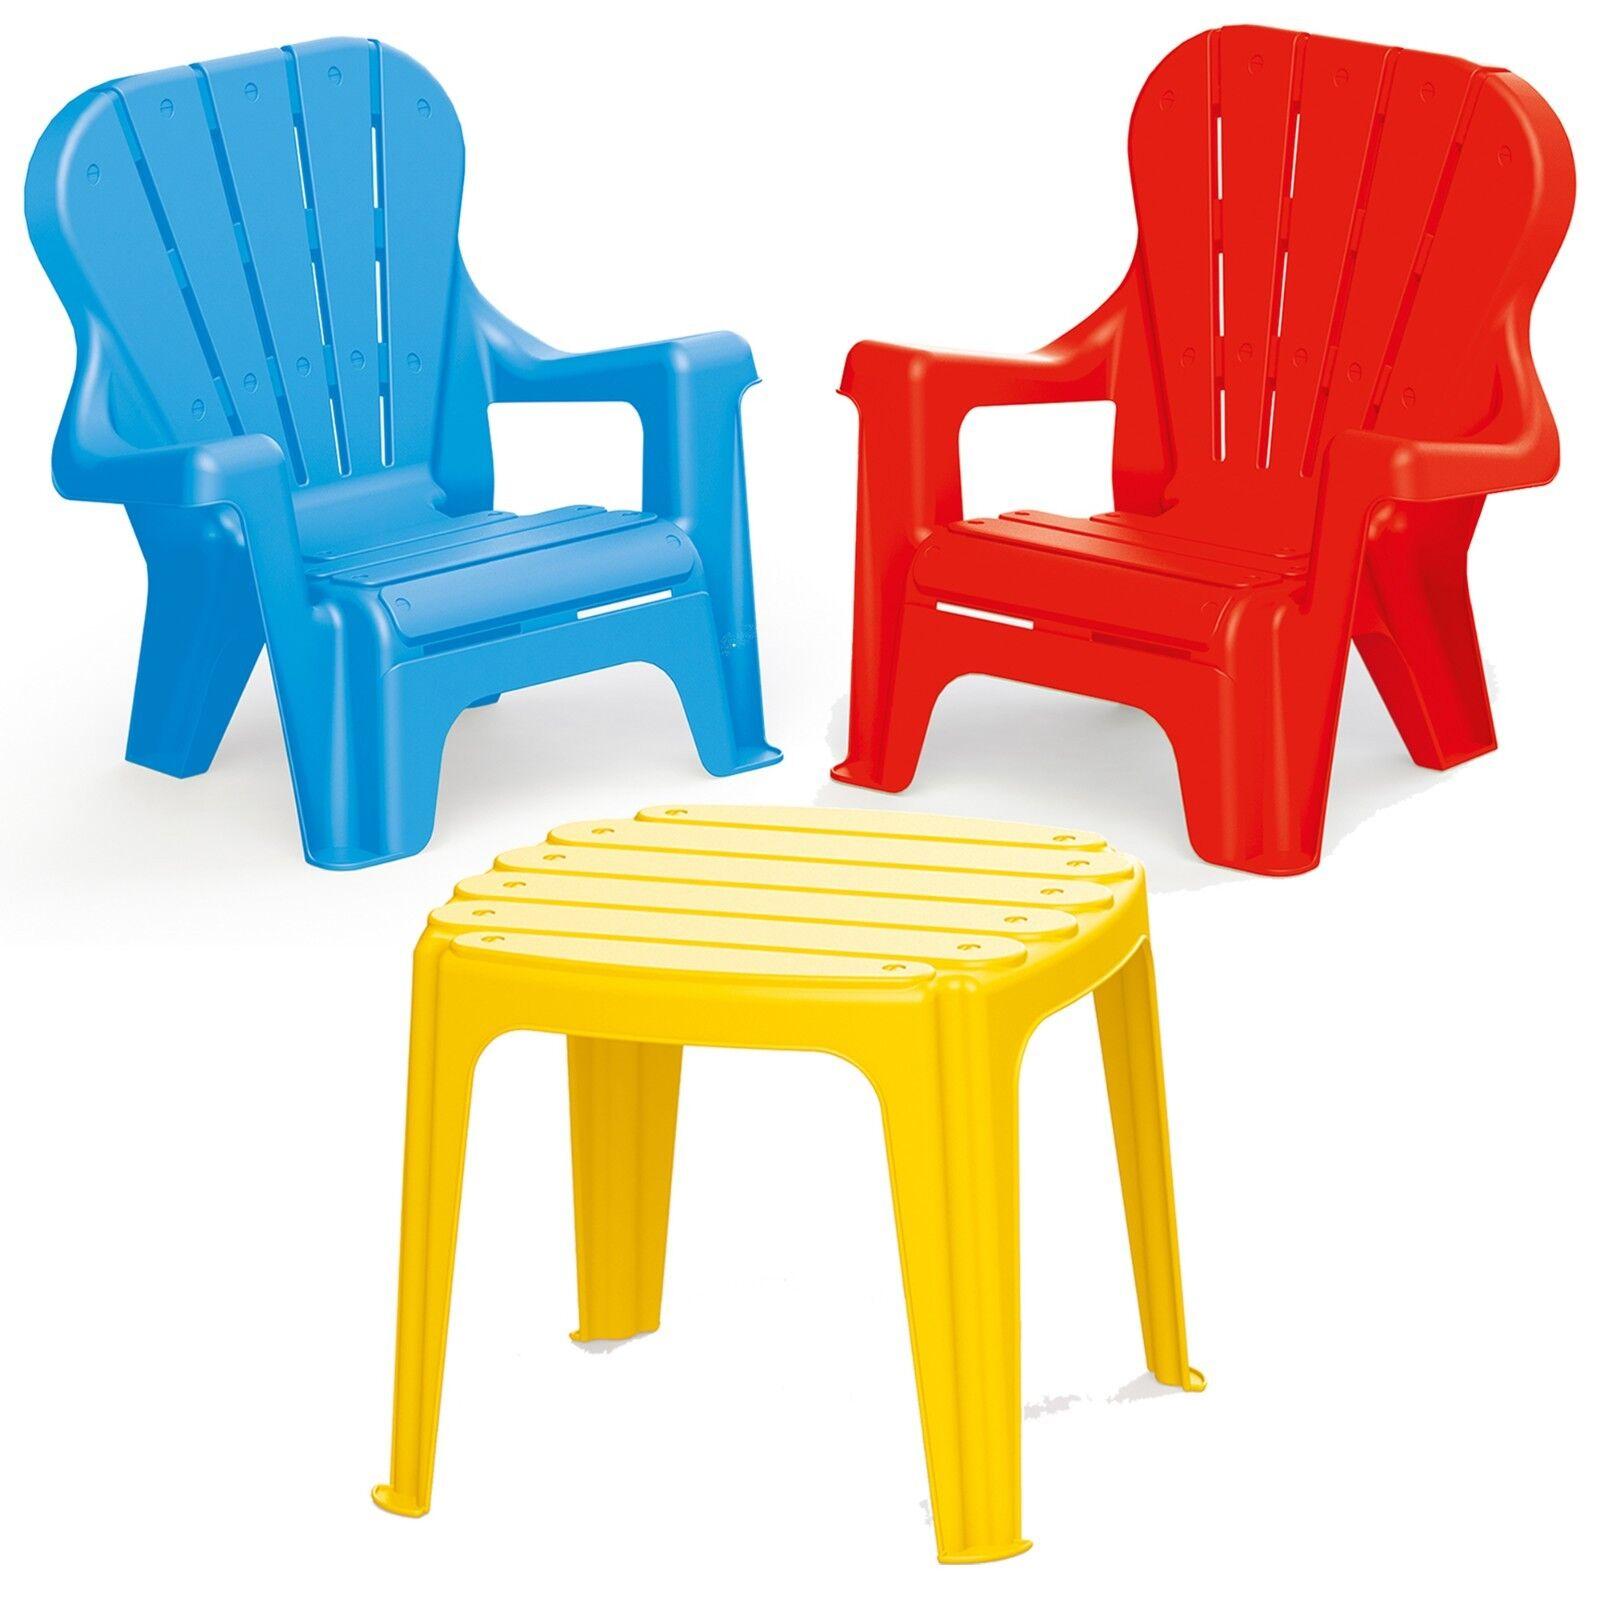 Enfants PLASTIQUE Dur Table Chaises Intérieur Extérieur Jardin ...